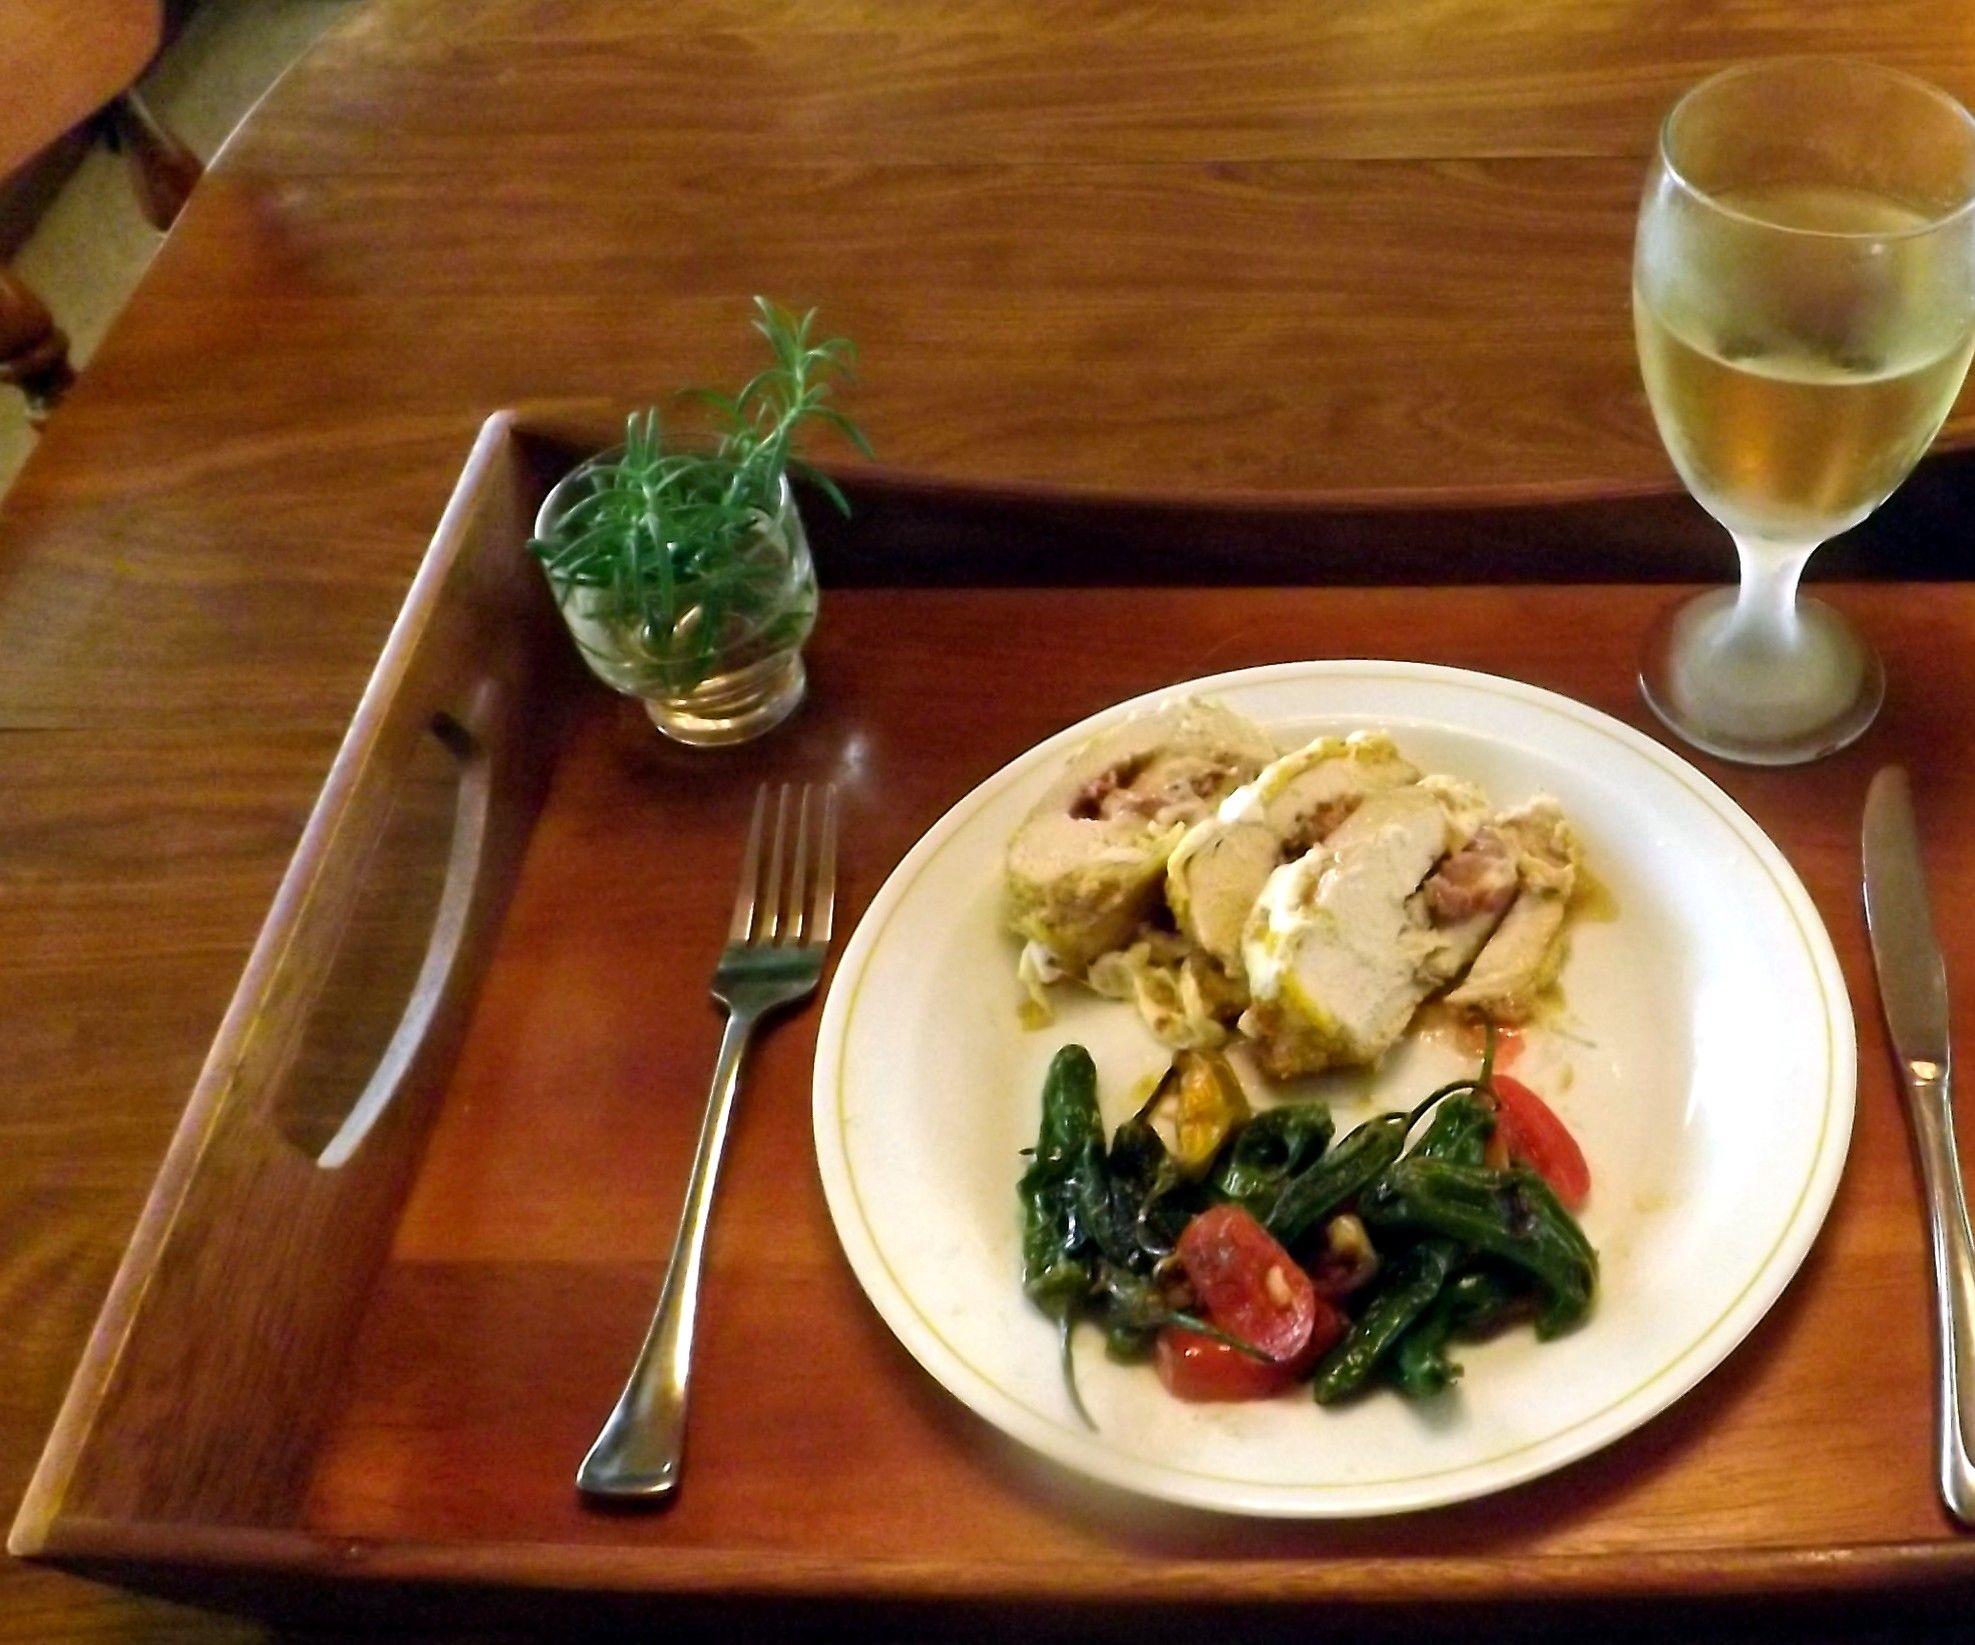 CHICKEN CORDON BLEU ITALIANO (A Gluten Free Recipe)